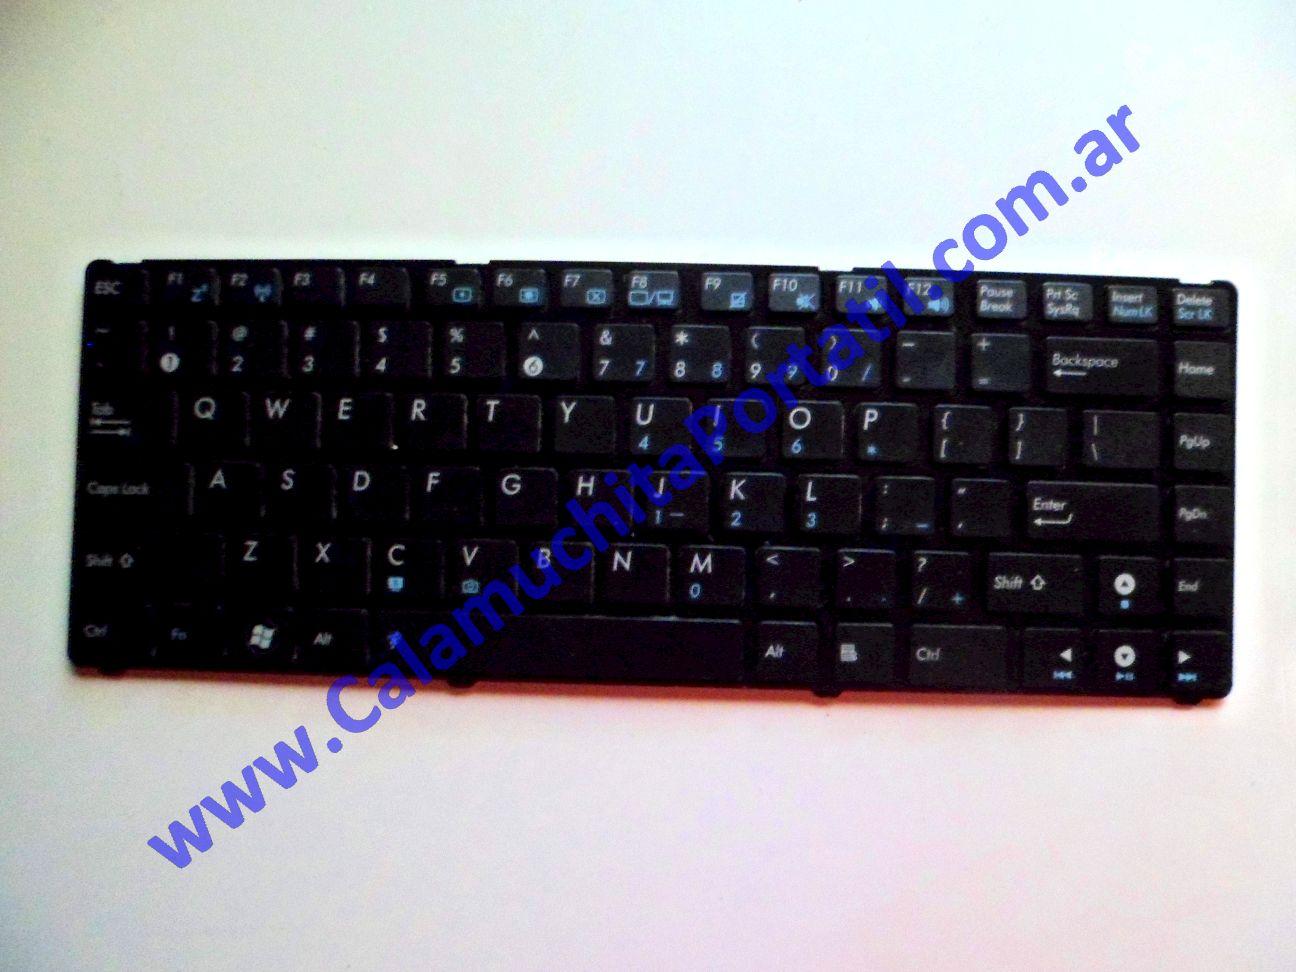 0027KBA Teclado Asus Eee PC 1201n